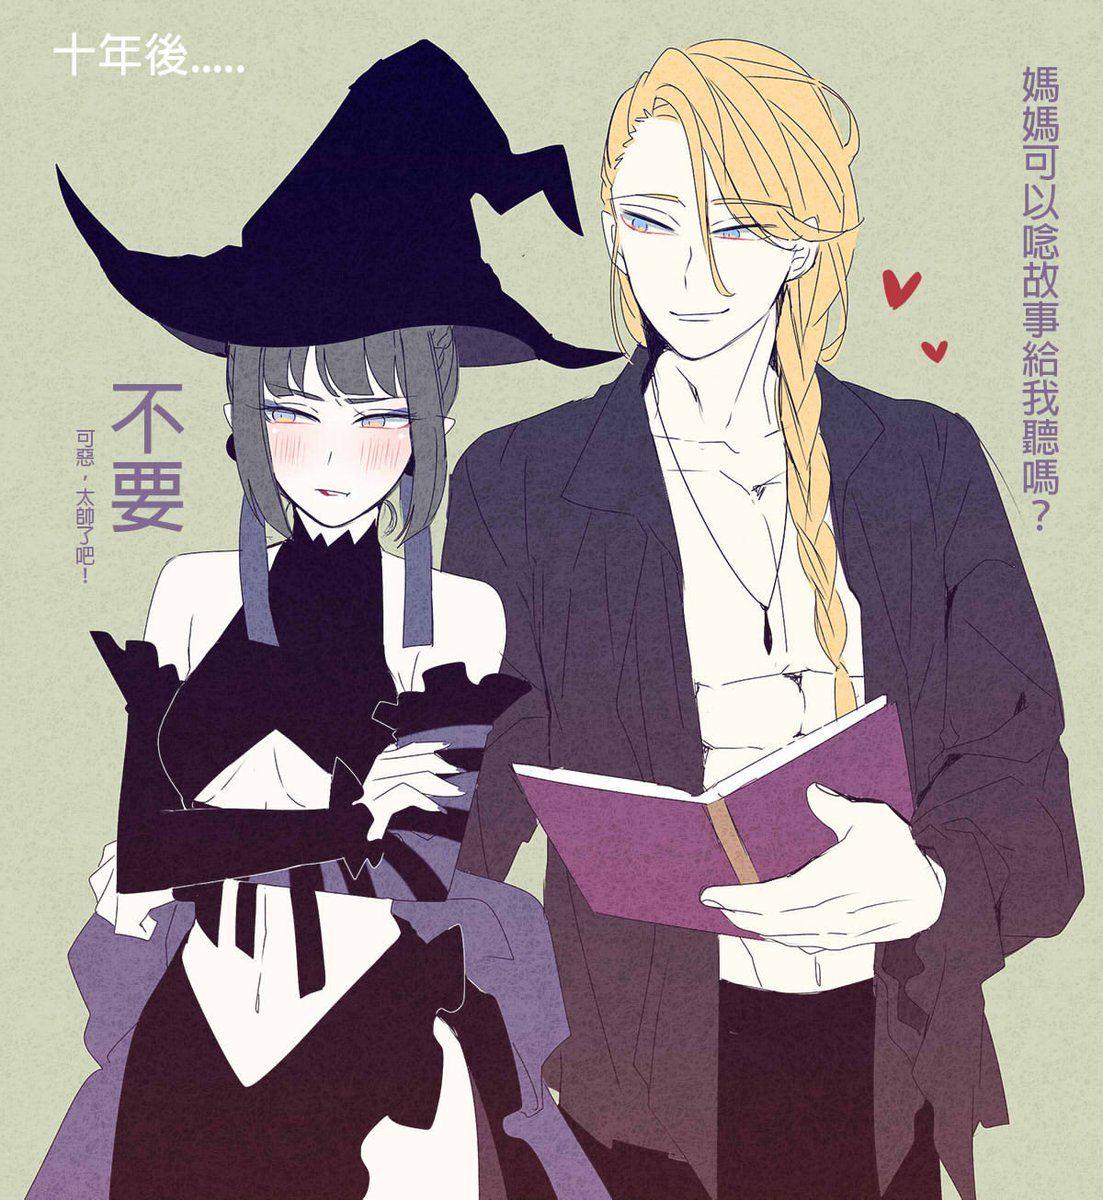 Ảnh Anime đôi đẹp nhất